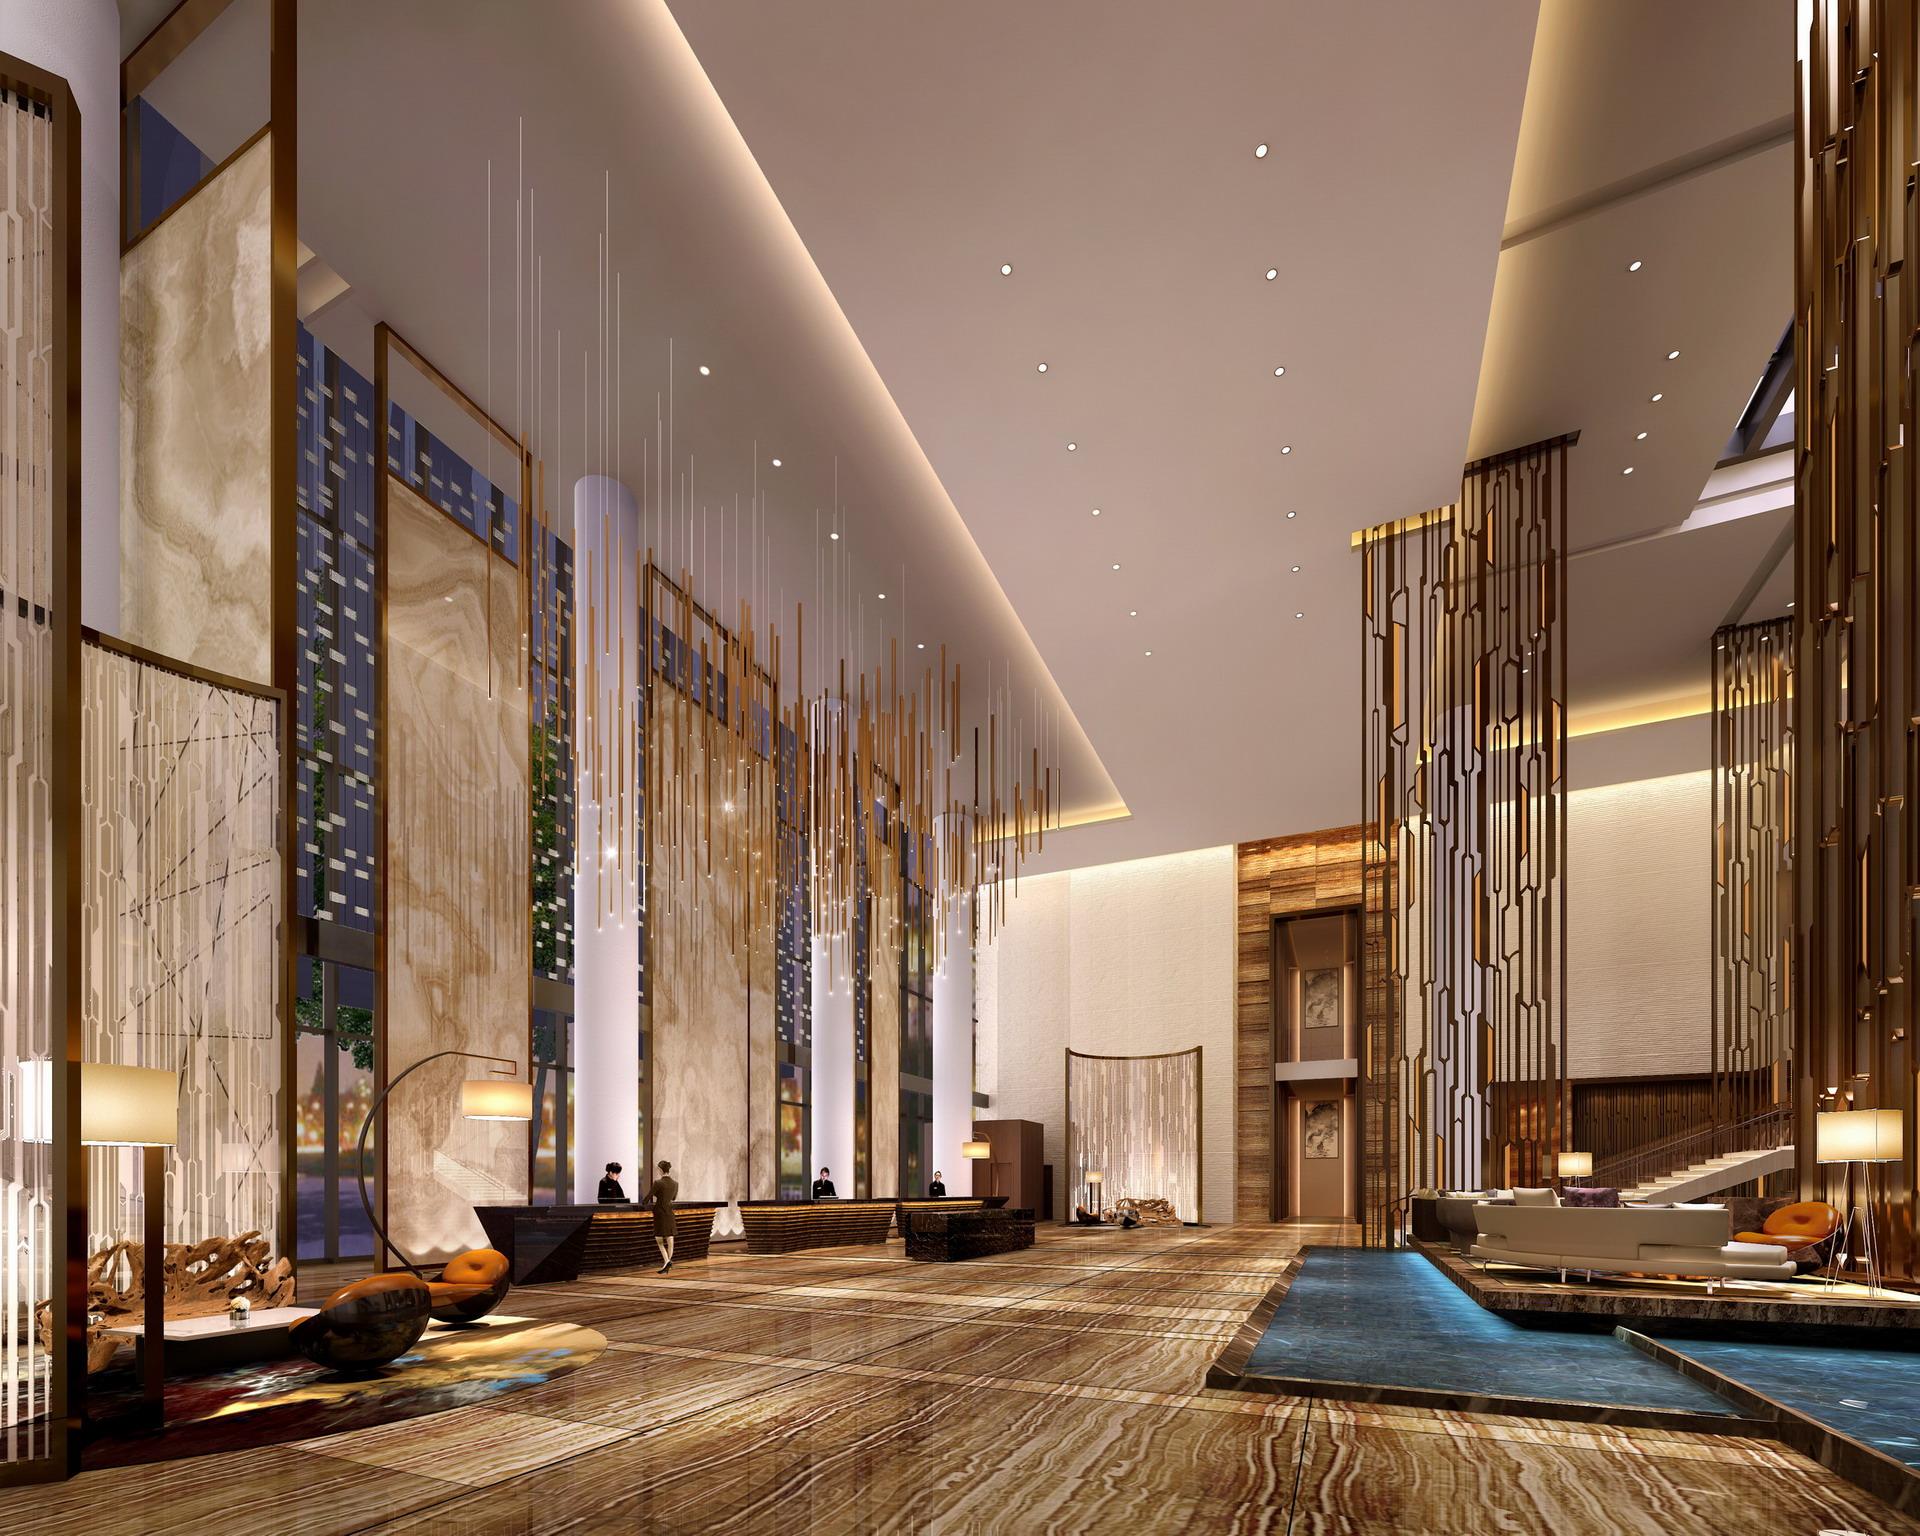 泸州精品酒店设计要点 泸州商务酒店设计